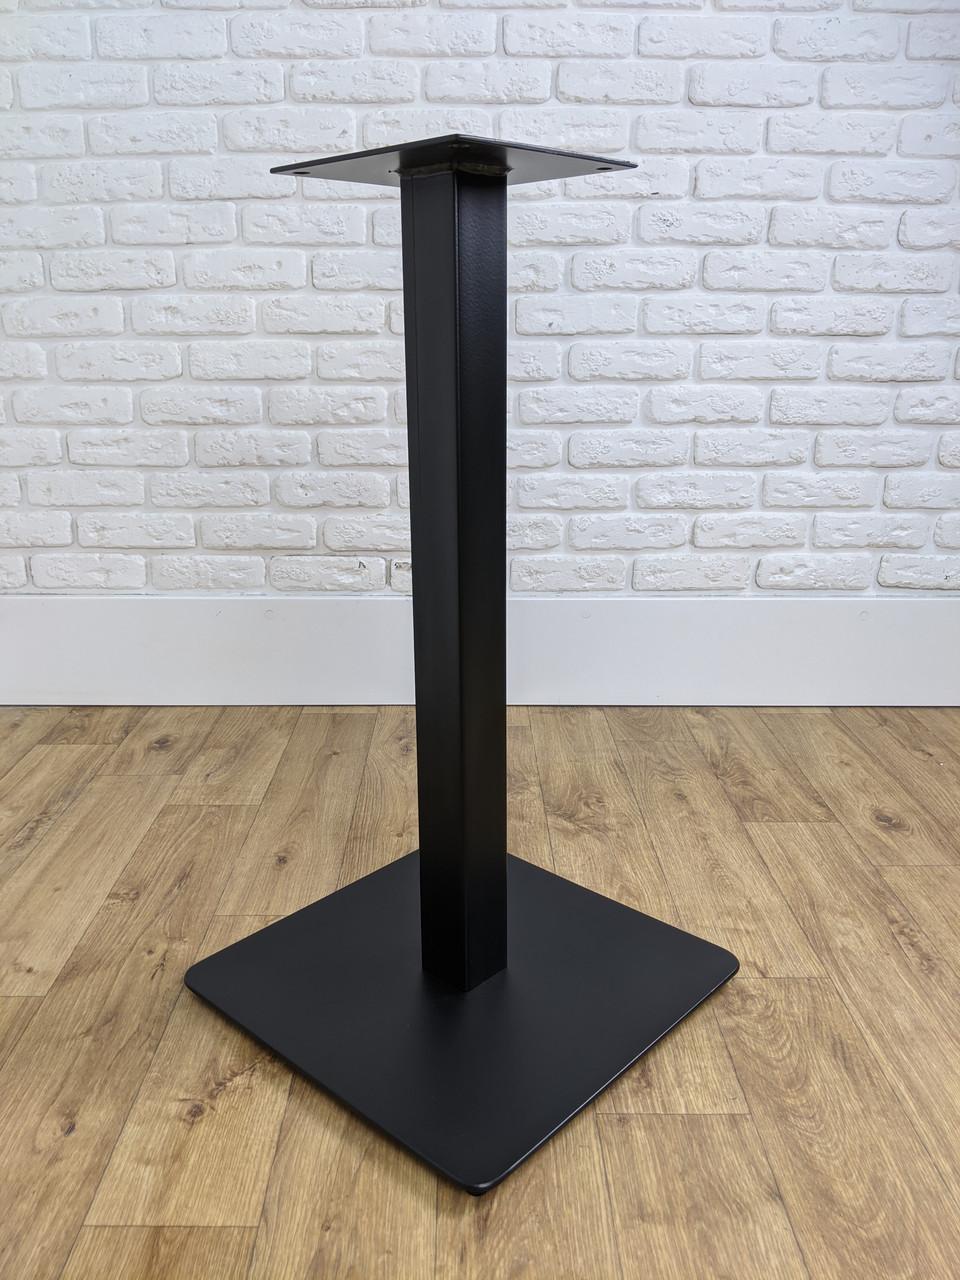 Металлические ножки для стола UNO опора в кафетерий, бар, ресторан со скругленными углами